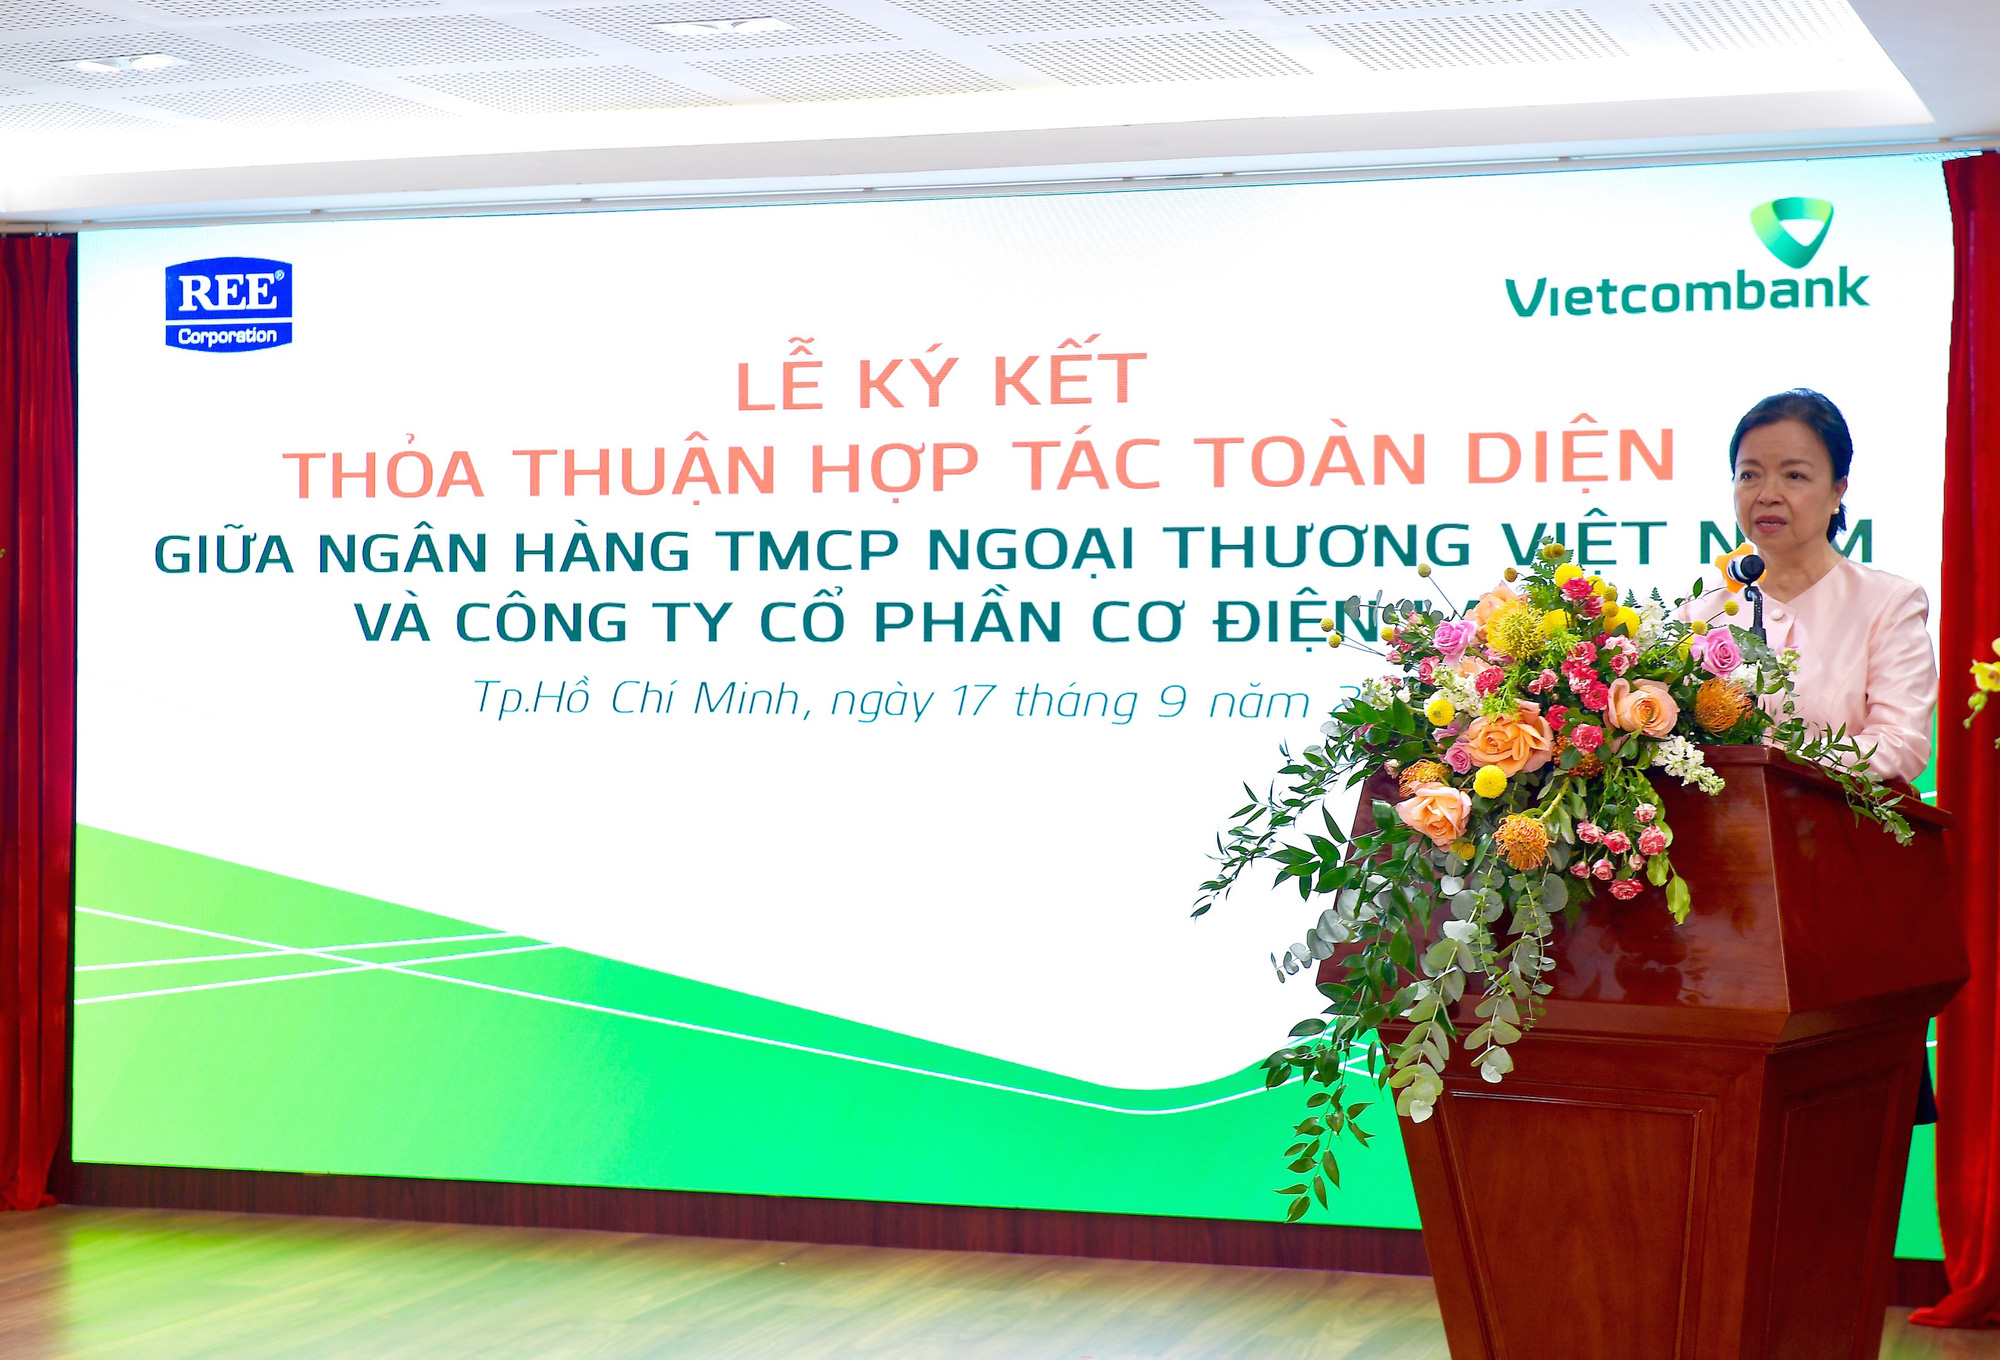 Vietcombank và REE Corporation ký kết Thoả thuận Hợp tác toàn diện - Ảnh 2.